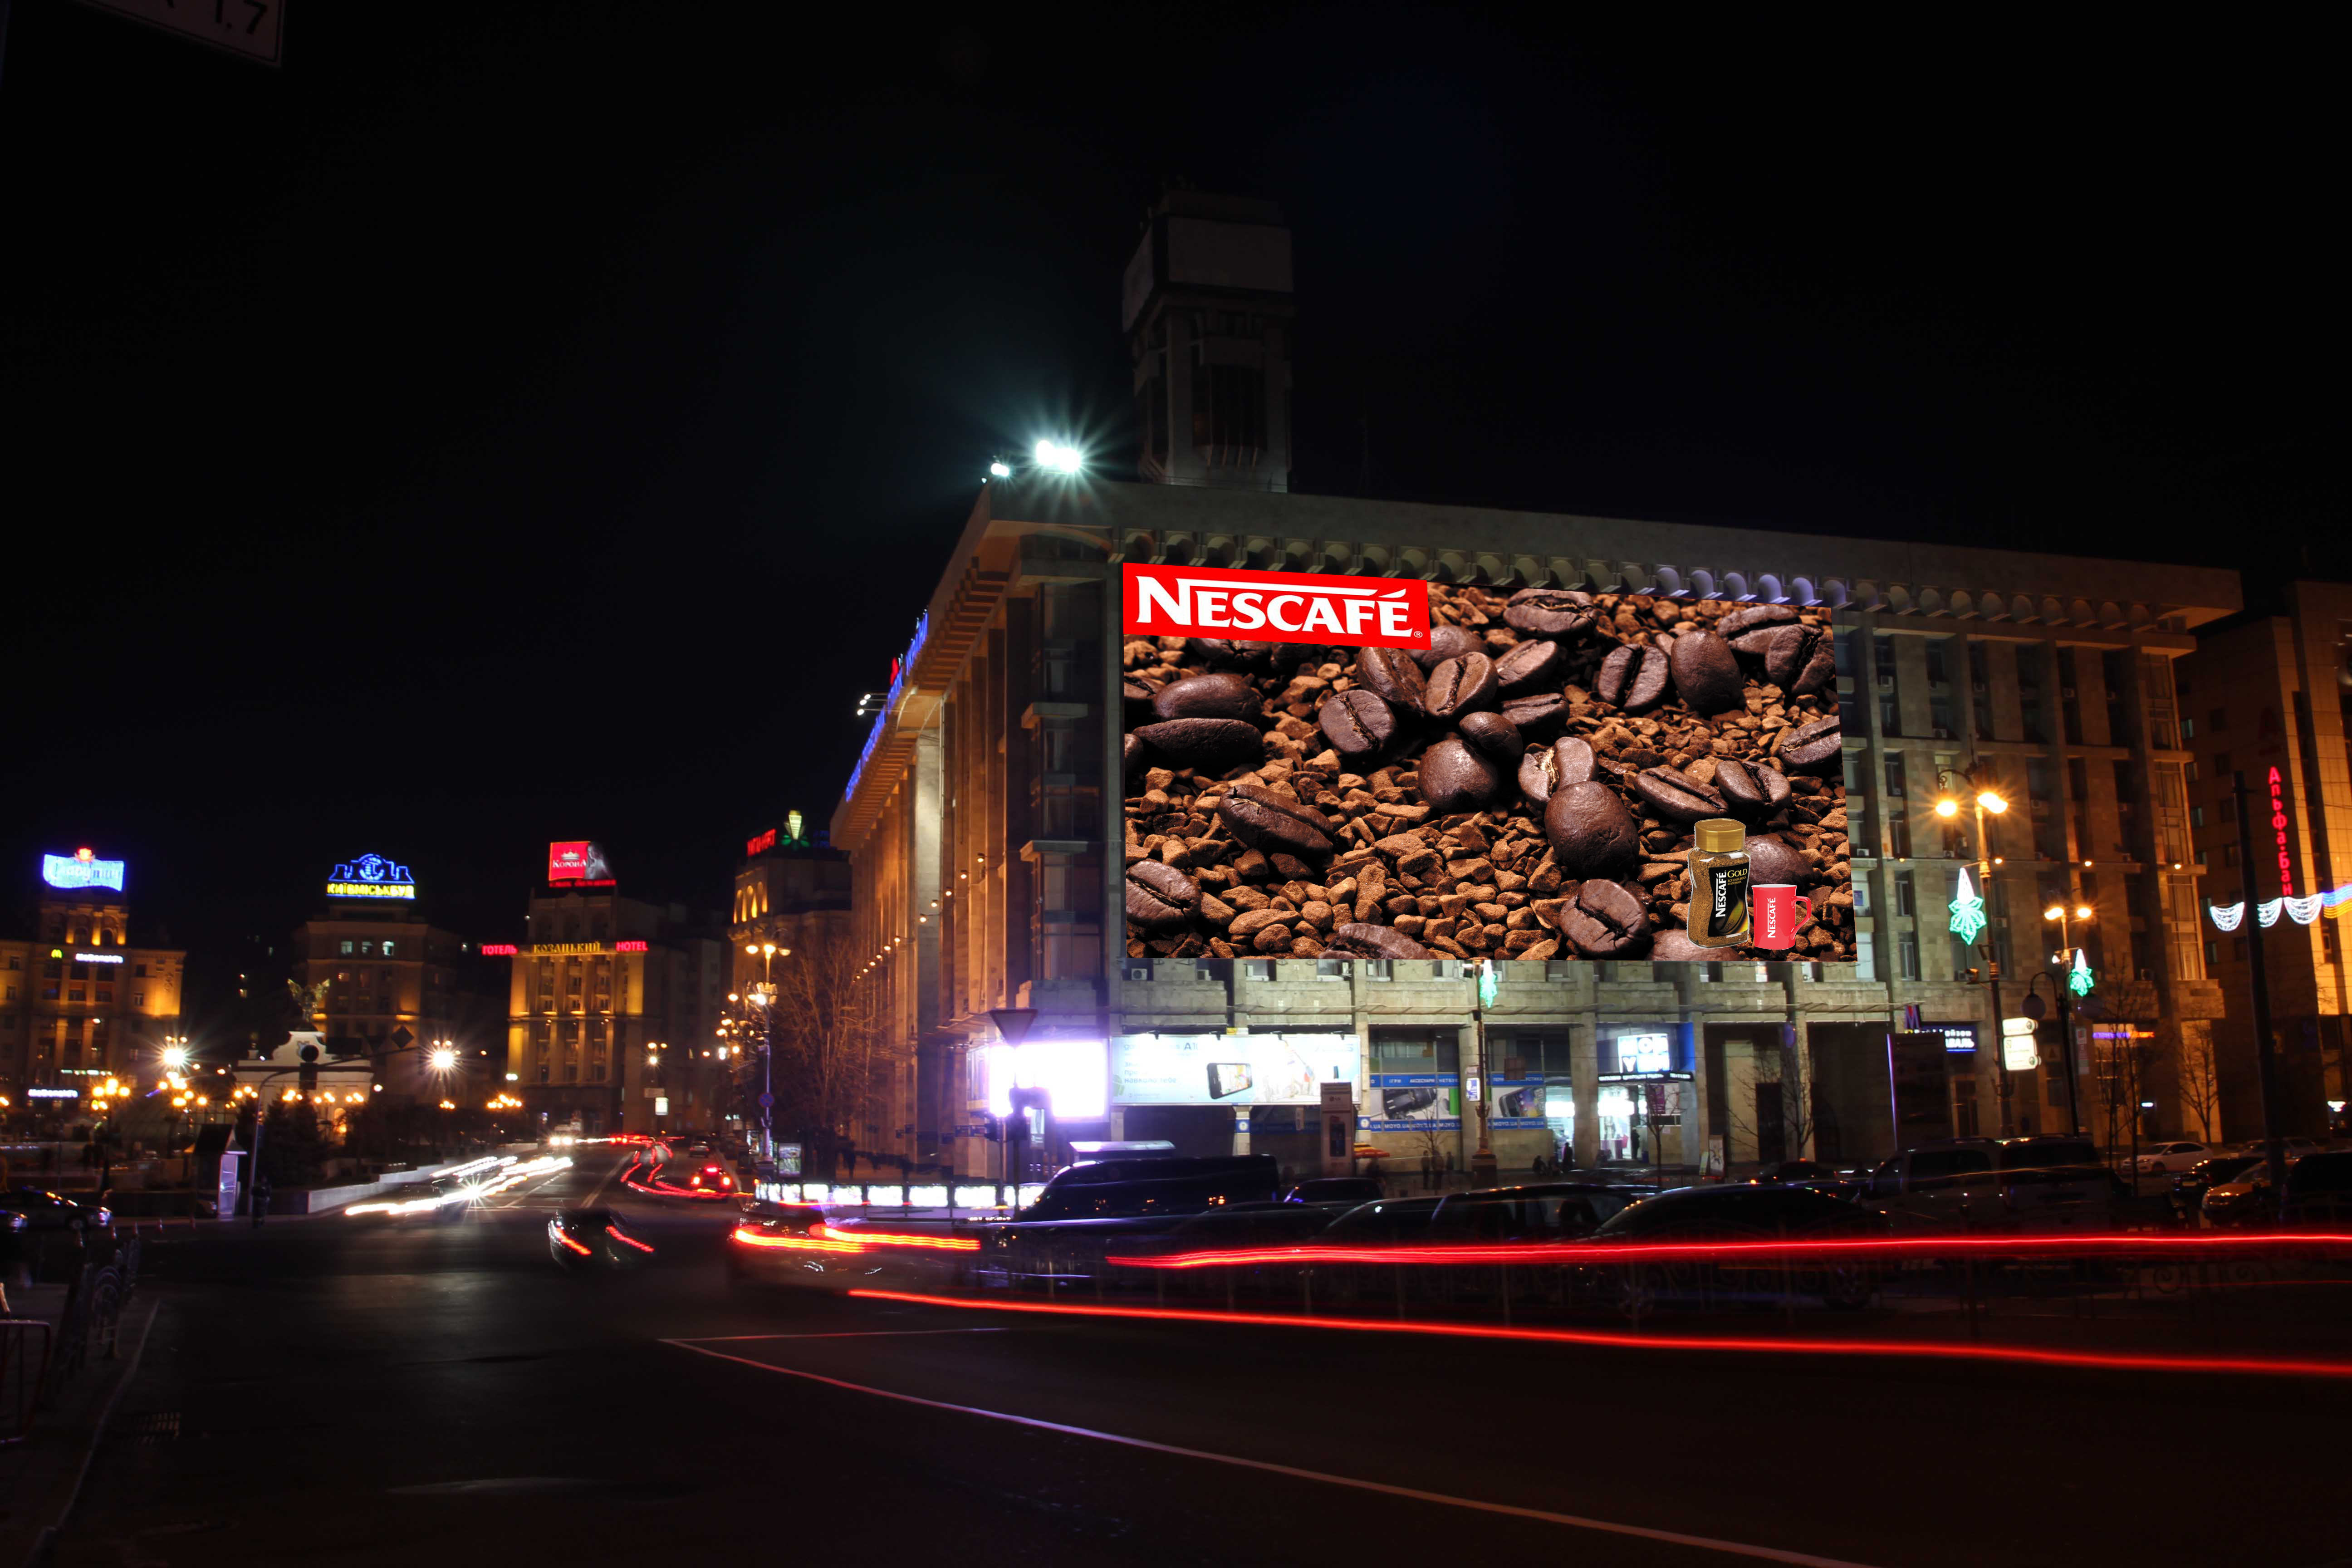 Дизайн брандмауэра для NESCAFE (вариант-1, ночь)